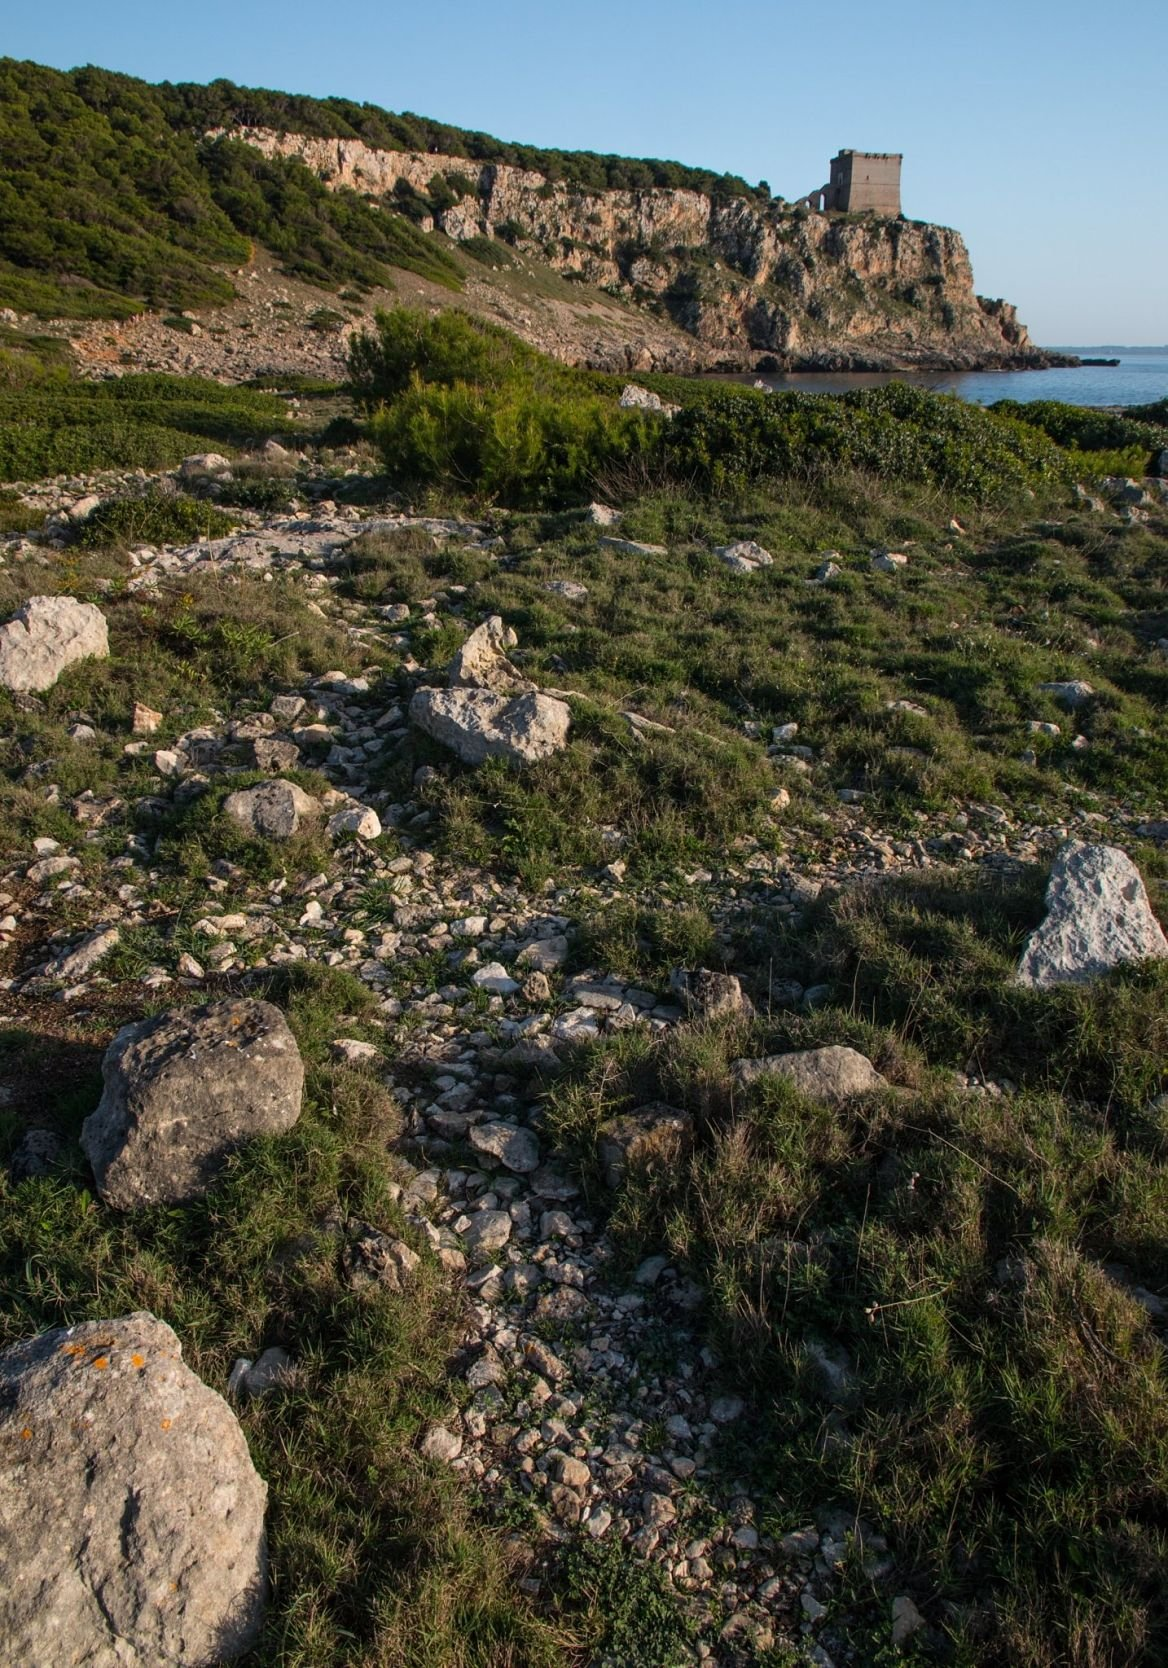 Le Parc naturel de Porto Selvaggio à Salento en Italie